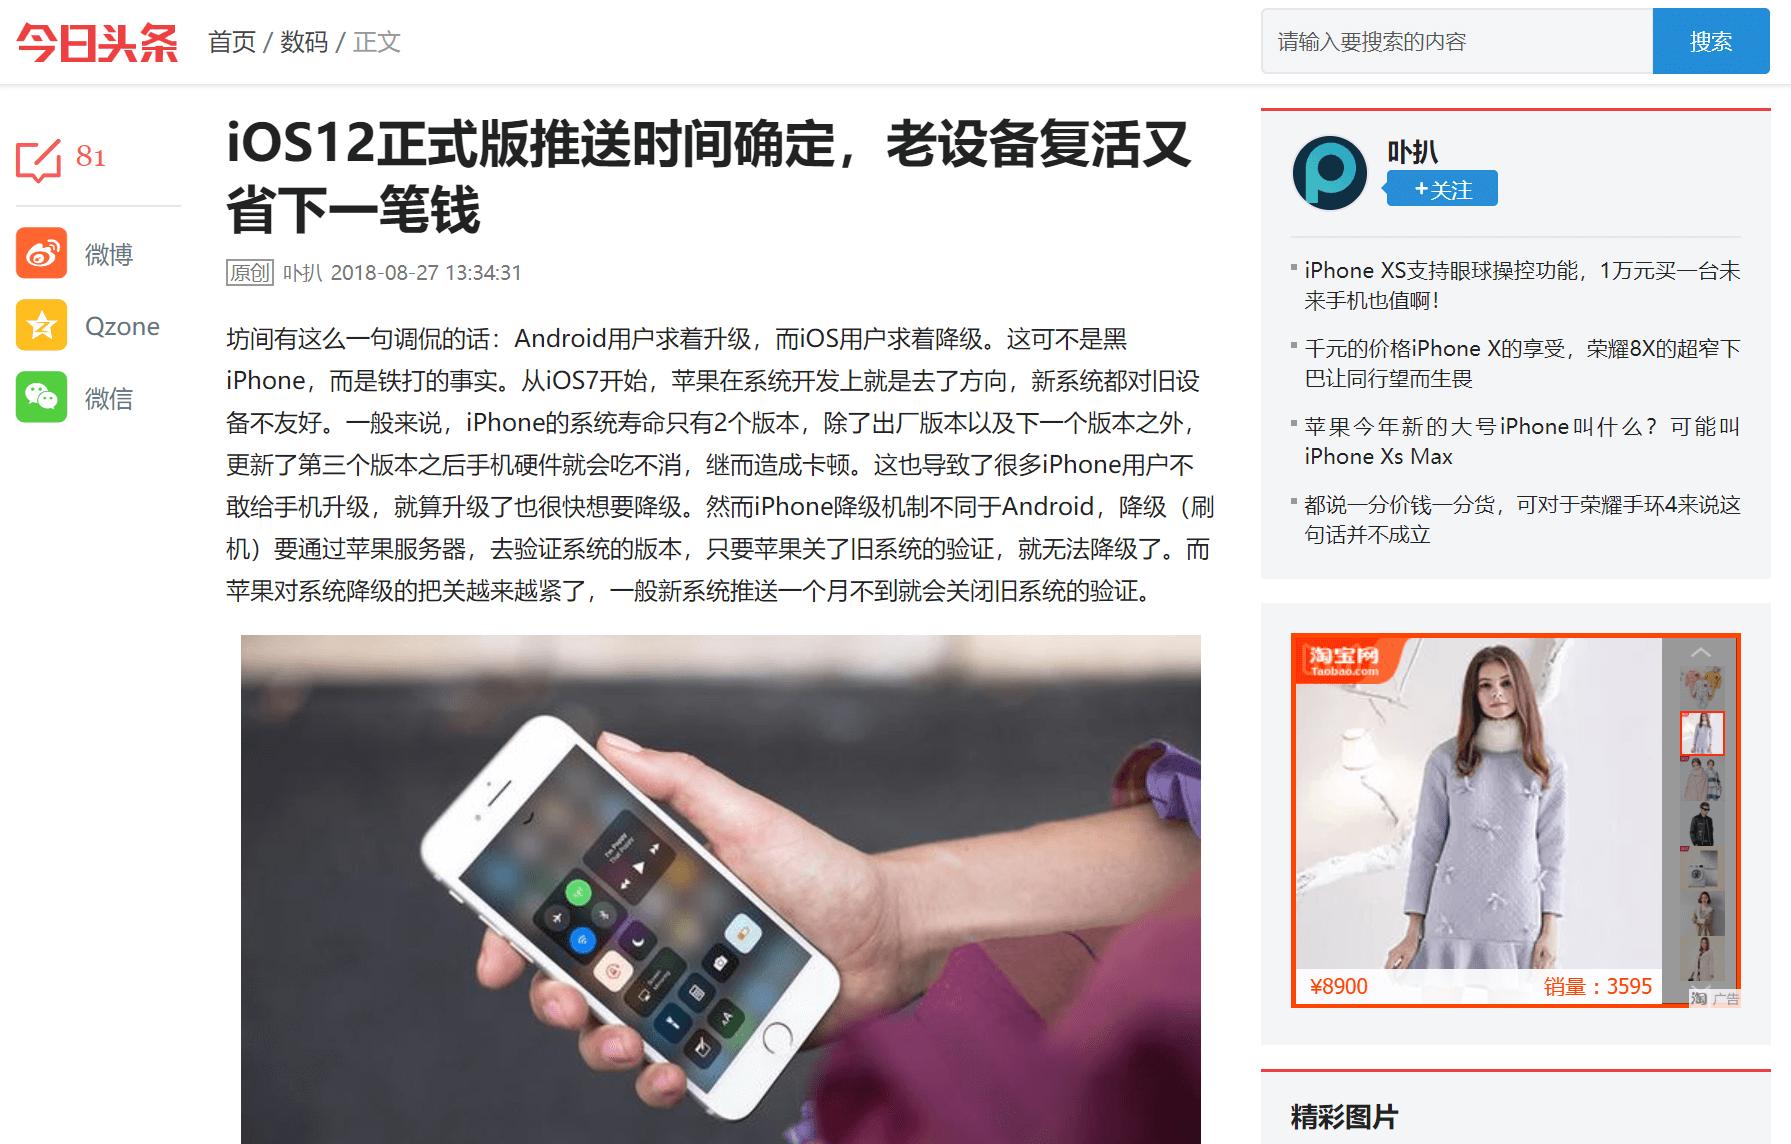 toutiao.com